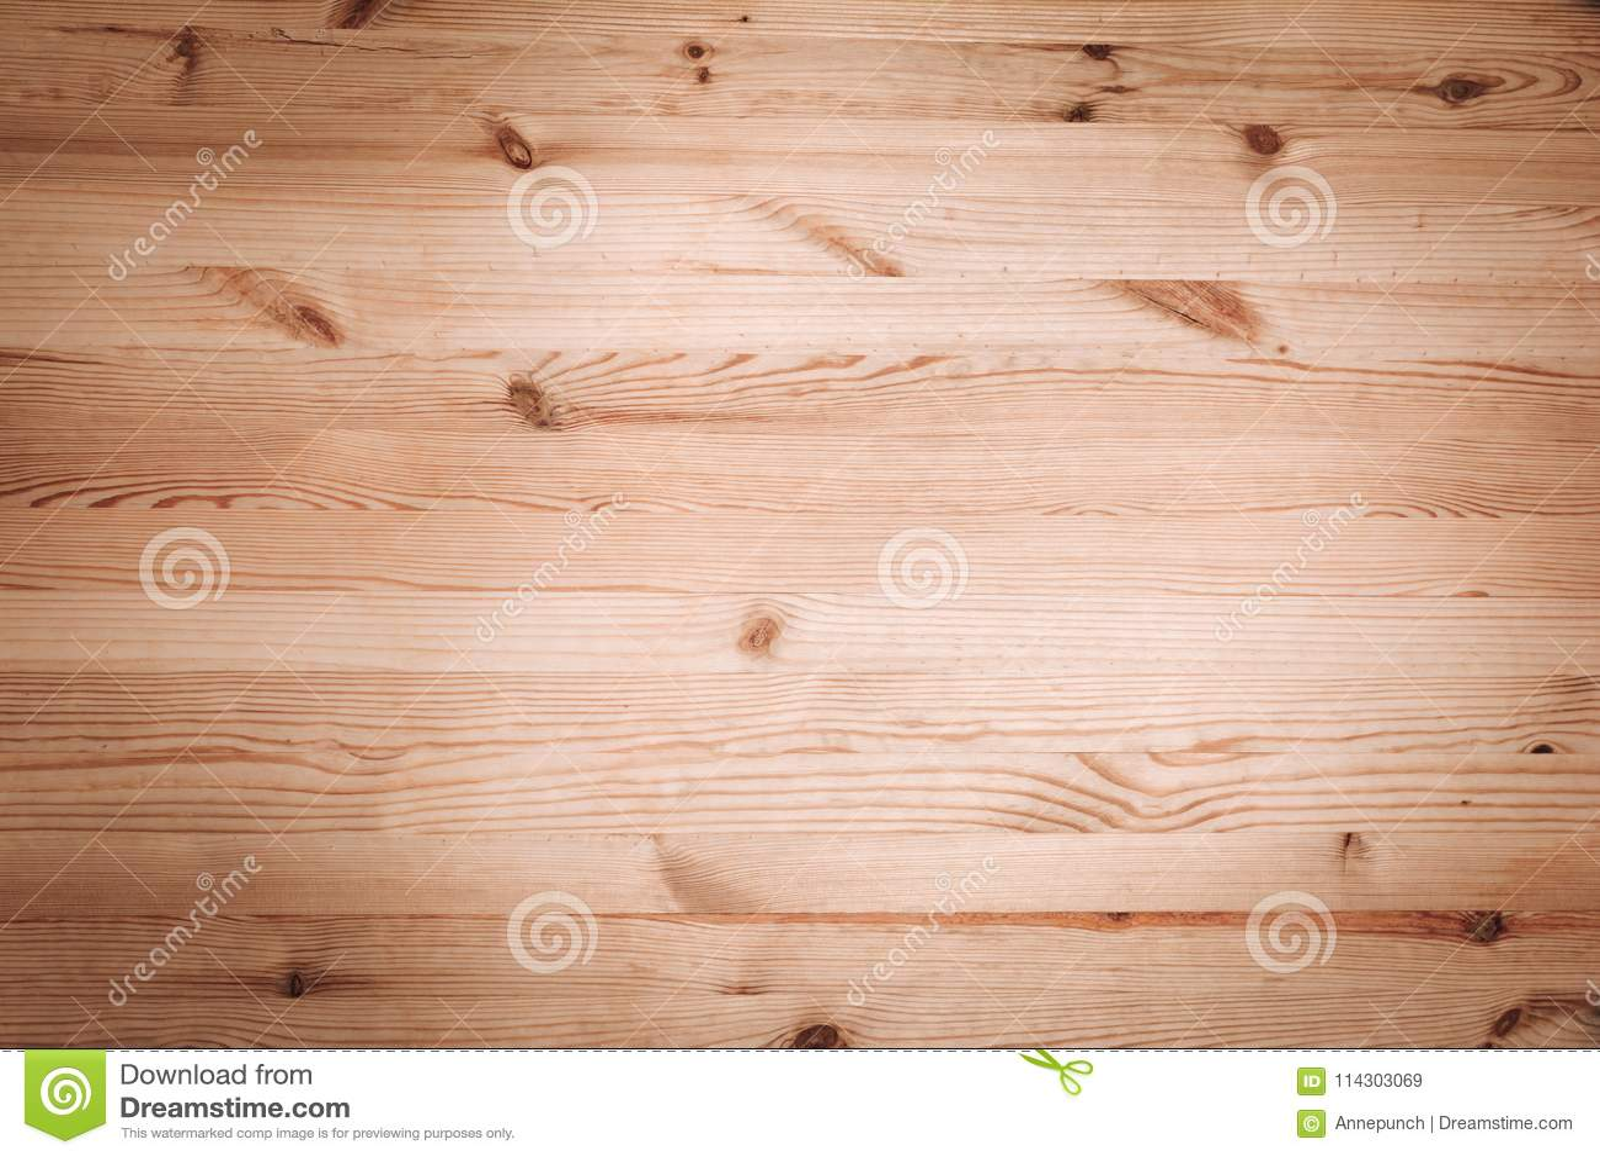 Struttura rettangolare dei bordi di legno texture orizzontale